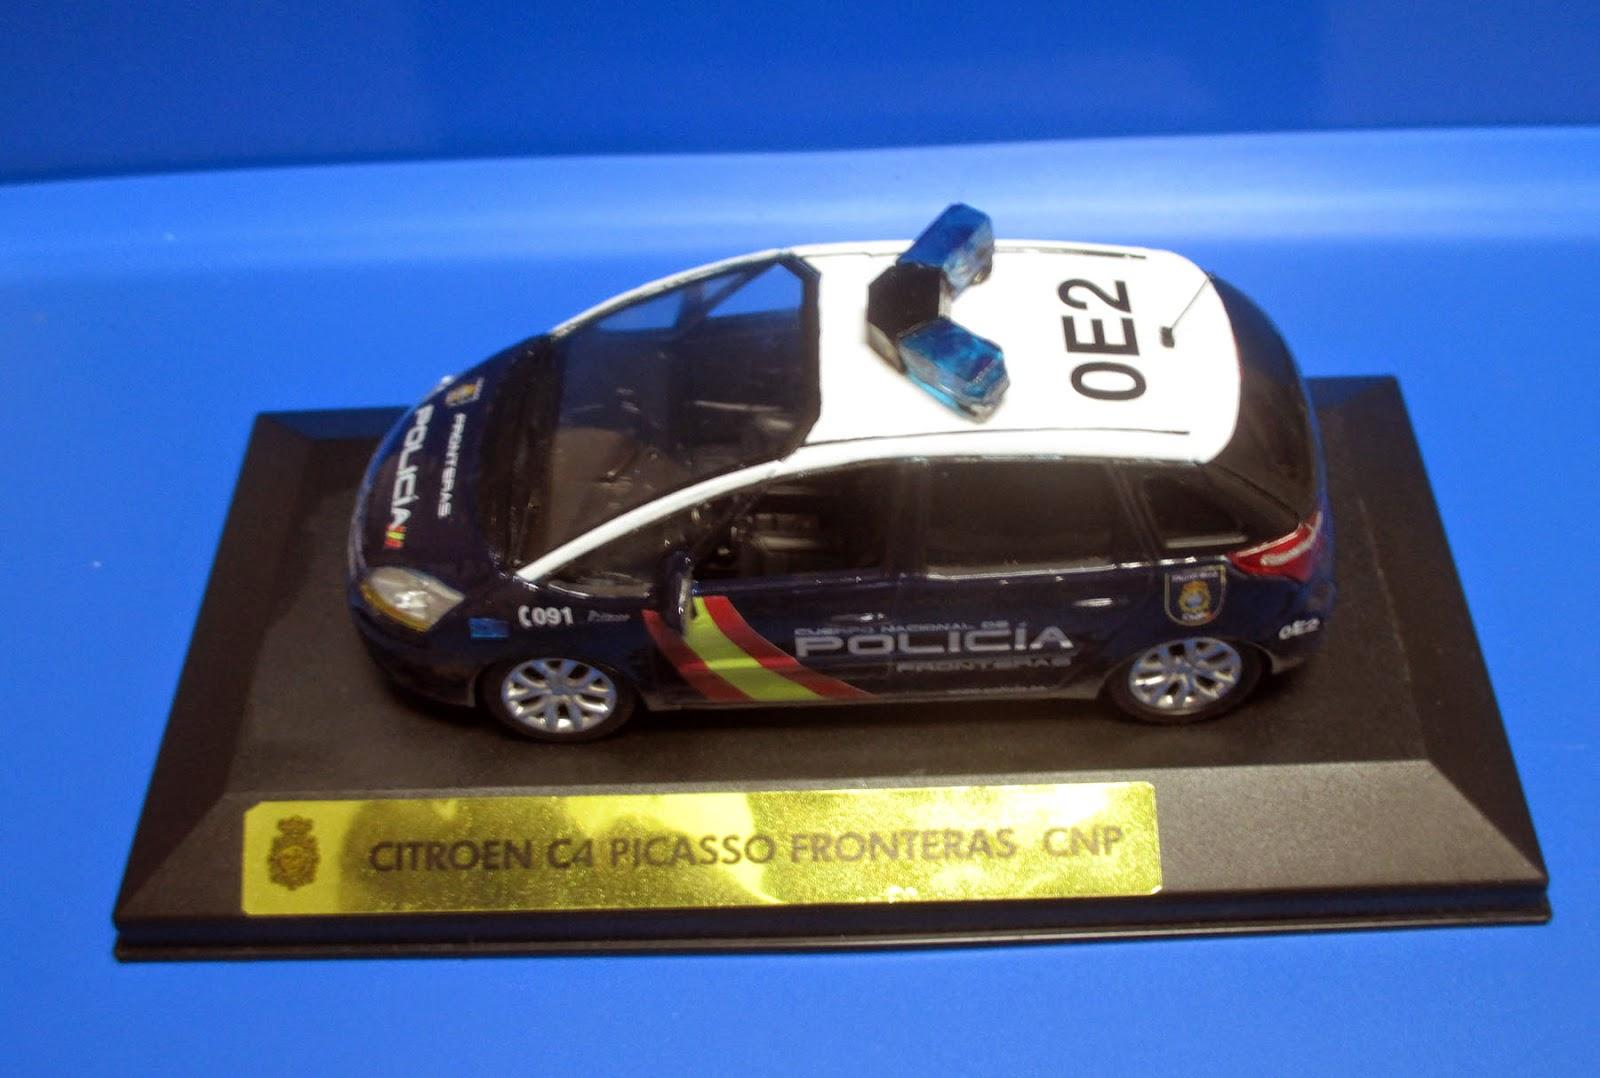 2014 Y AmbulanciasAgosto Miniaturas Miniaturas Policiales Policiales 5Aj34RL